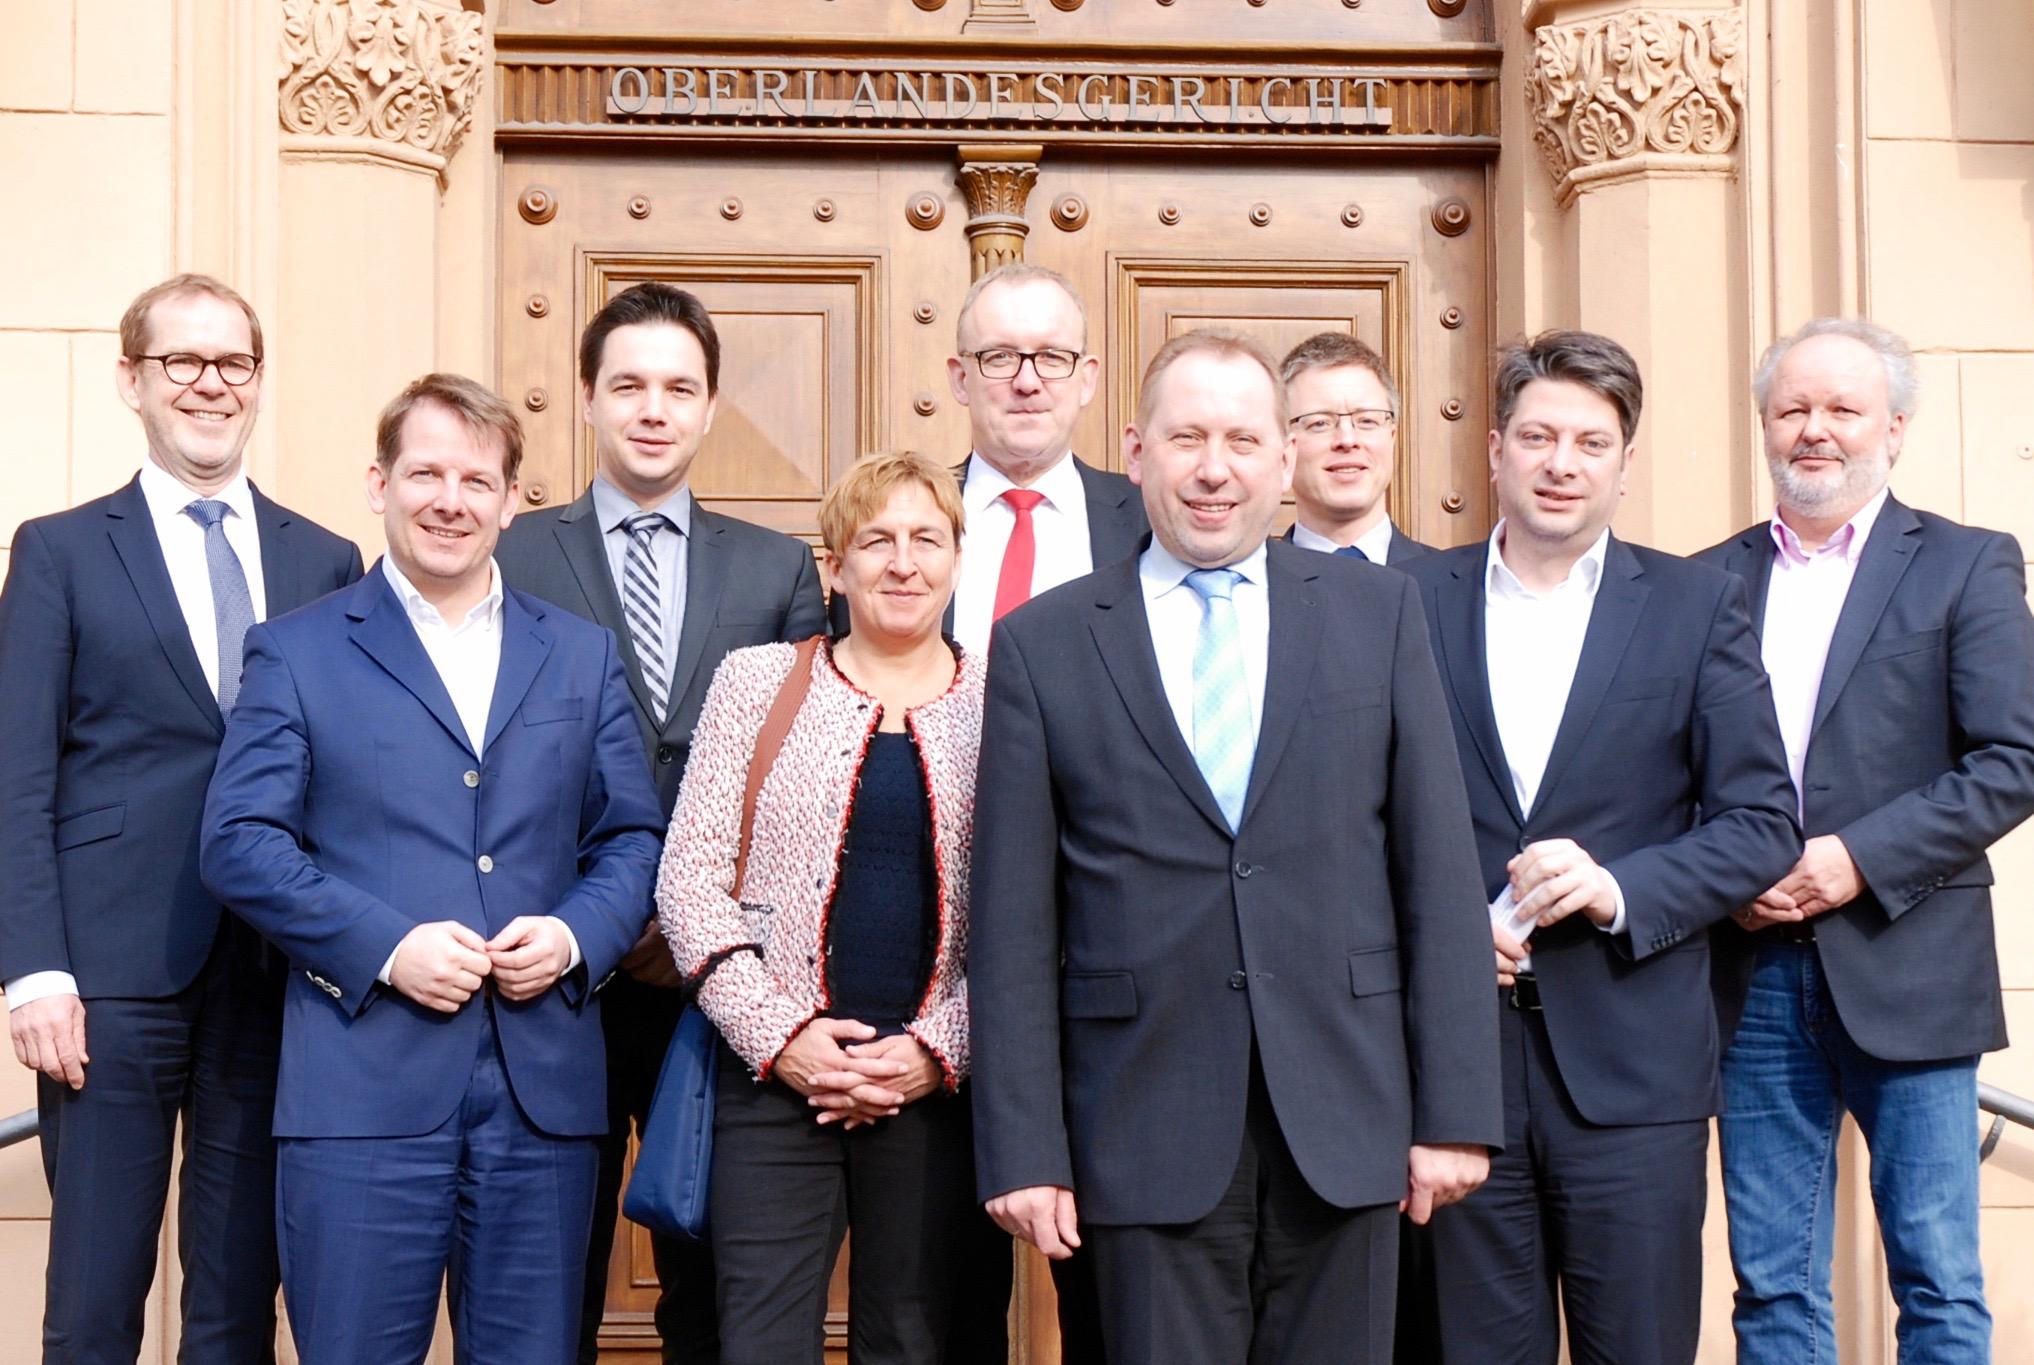 Von links: Vizepräsident Dr. Andreas Scholz mit den Mitgliedern des Niedersächsischen Landtages Thiemo Röhler, Marcel Scharrelmann, Dr. Ester Niewerth-Baumann, Volker Meyer, Thomas Adasch und Christian Calderone (zweiter von rechts), sowie Vertretern des OLG und der Generalstaatsanwaltschaft in Celle.